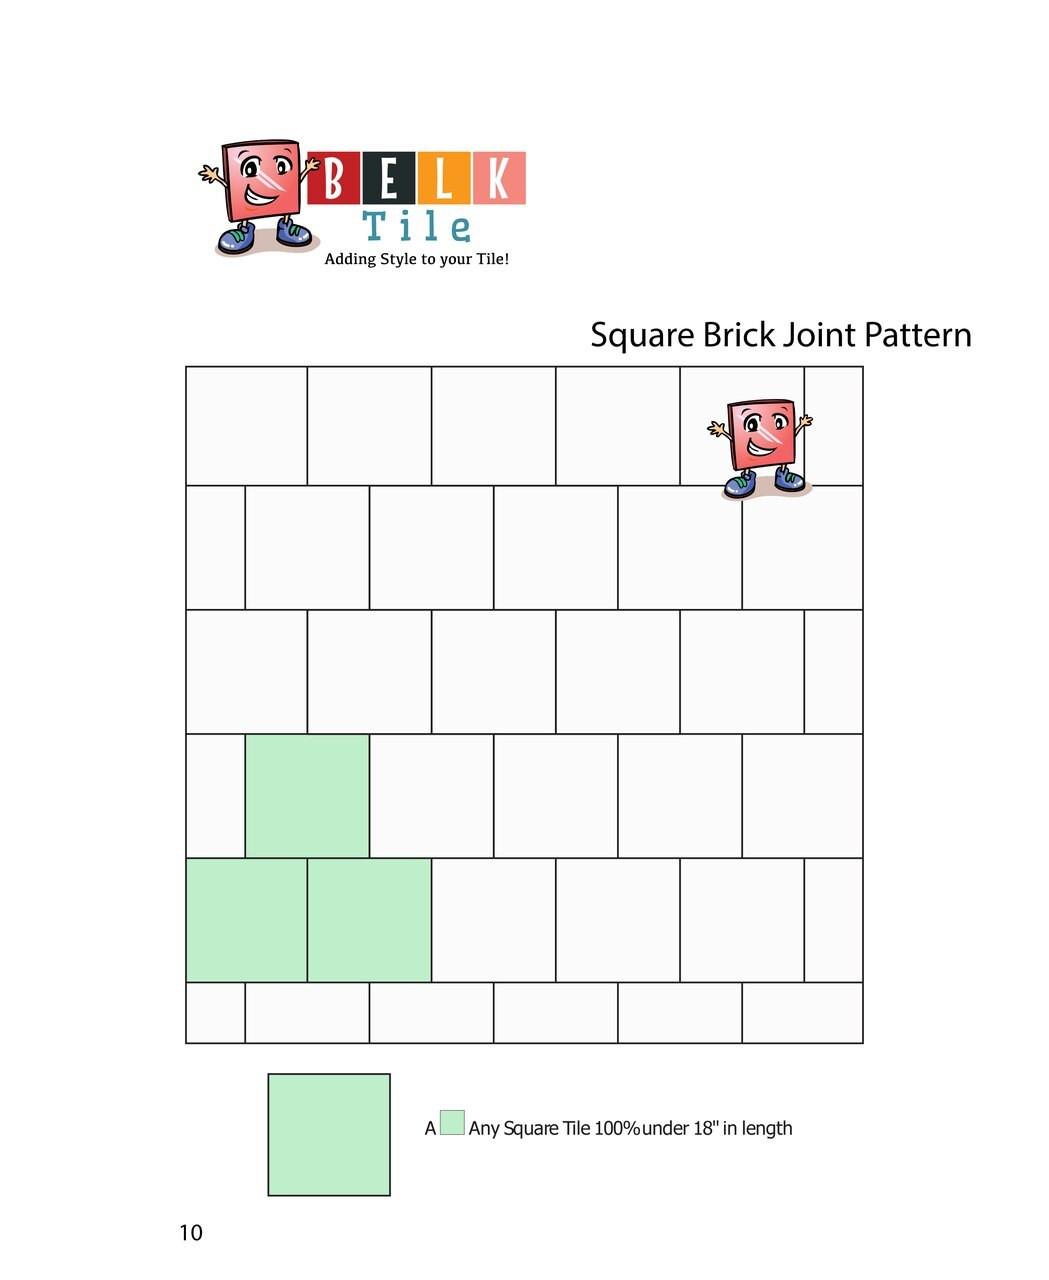 BELK Tile Patterns Square Brick Joint Floor Tile Pattern